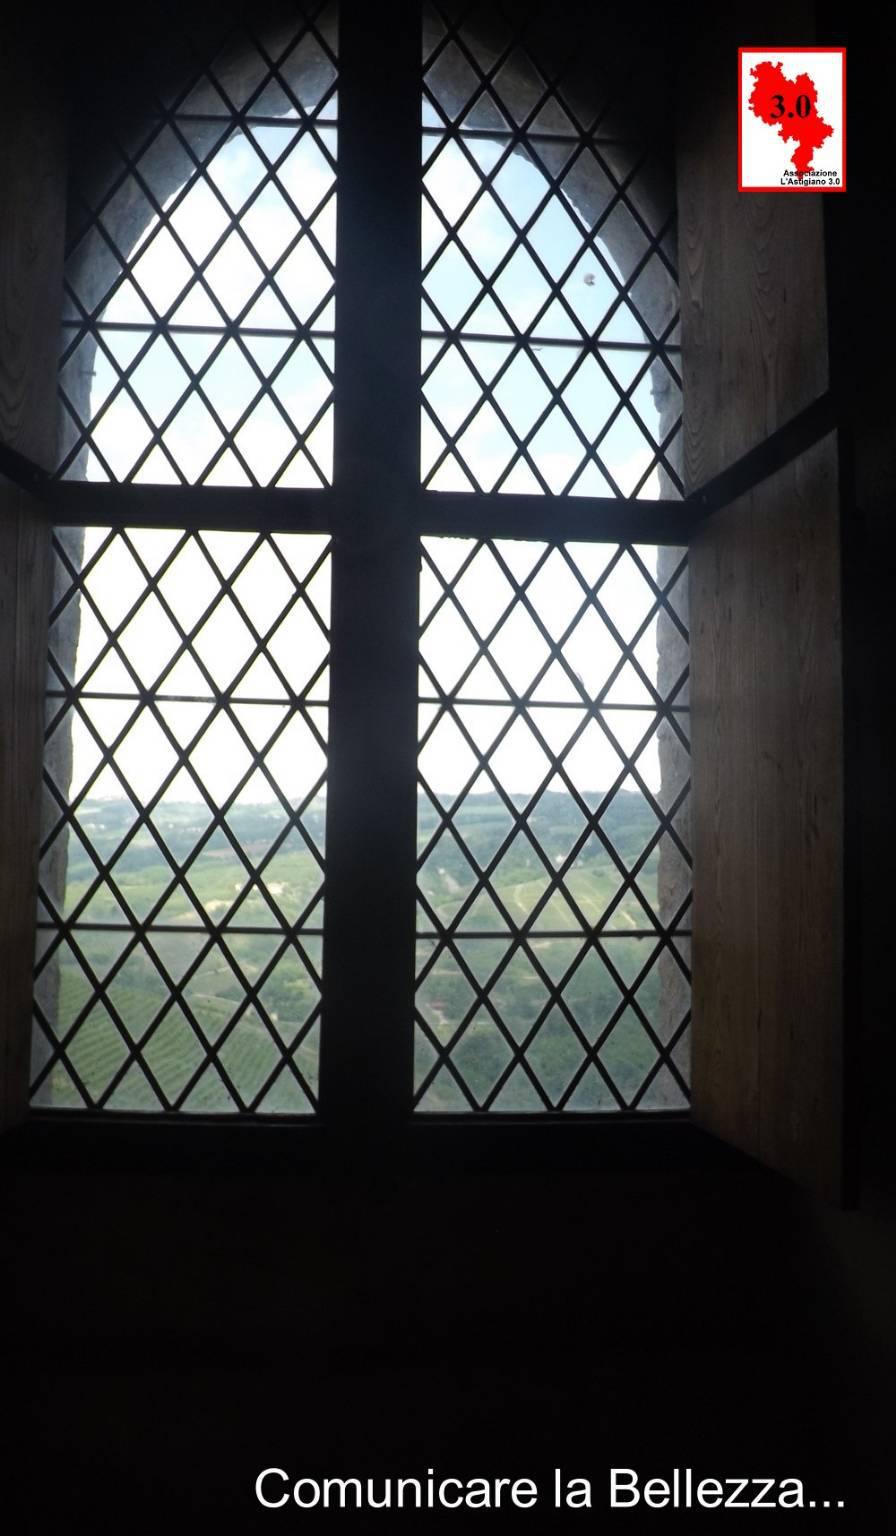 Comunicare la Bellezza: Castello di Serralunga